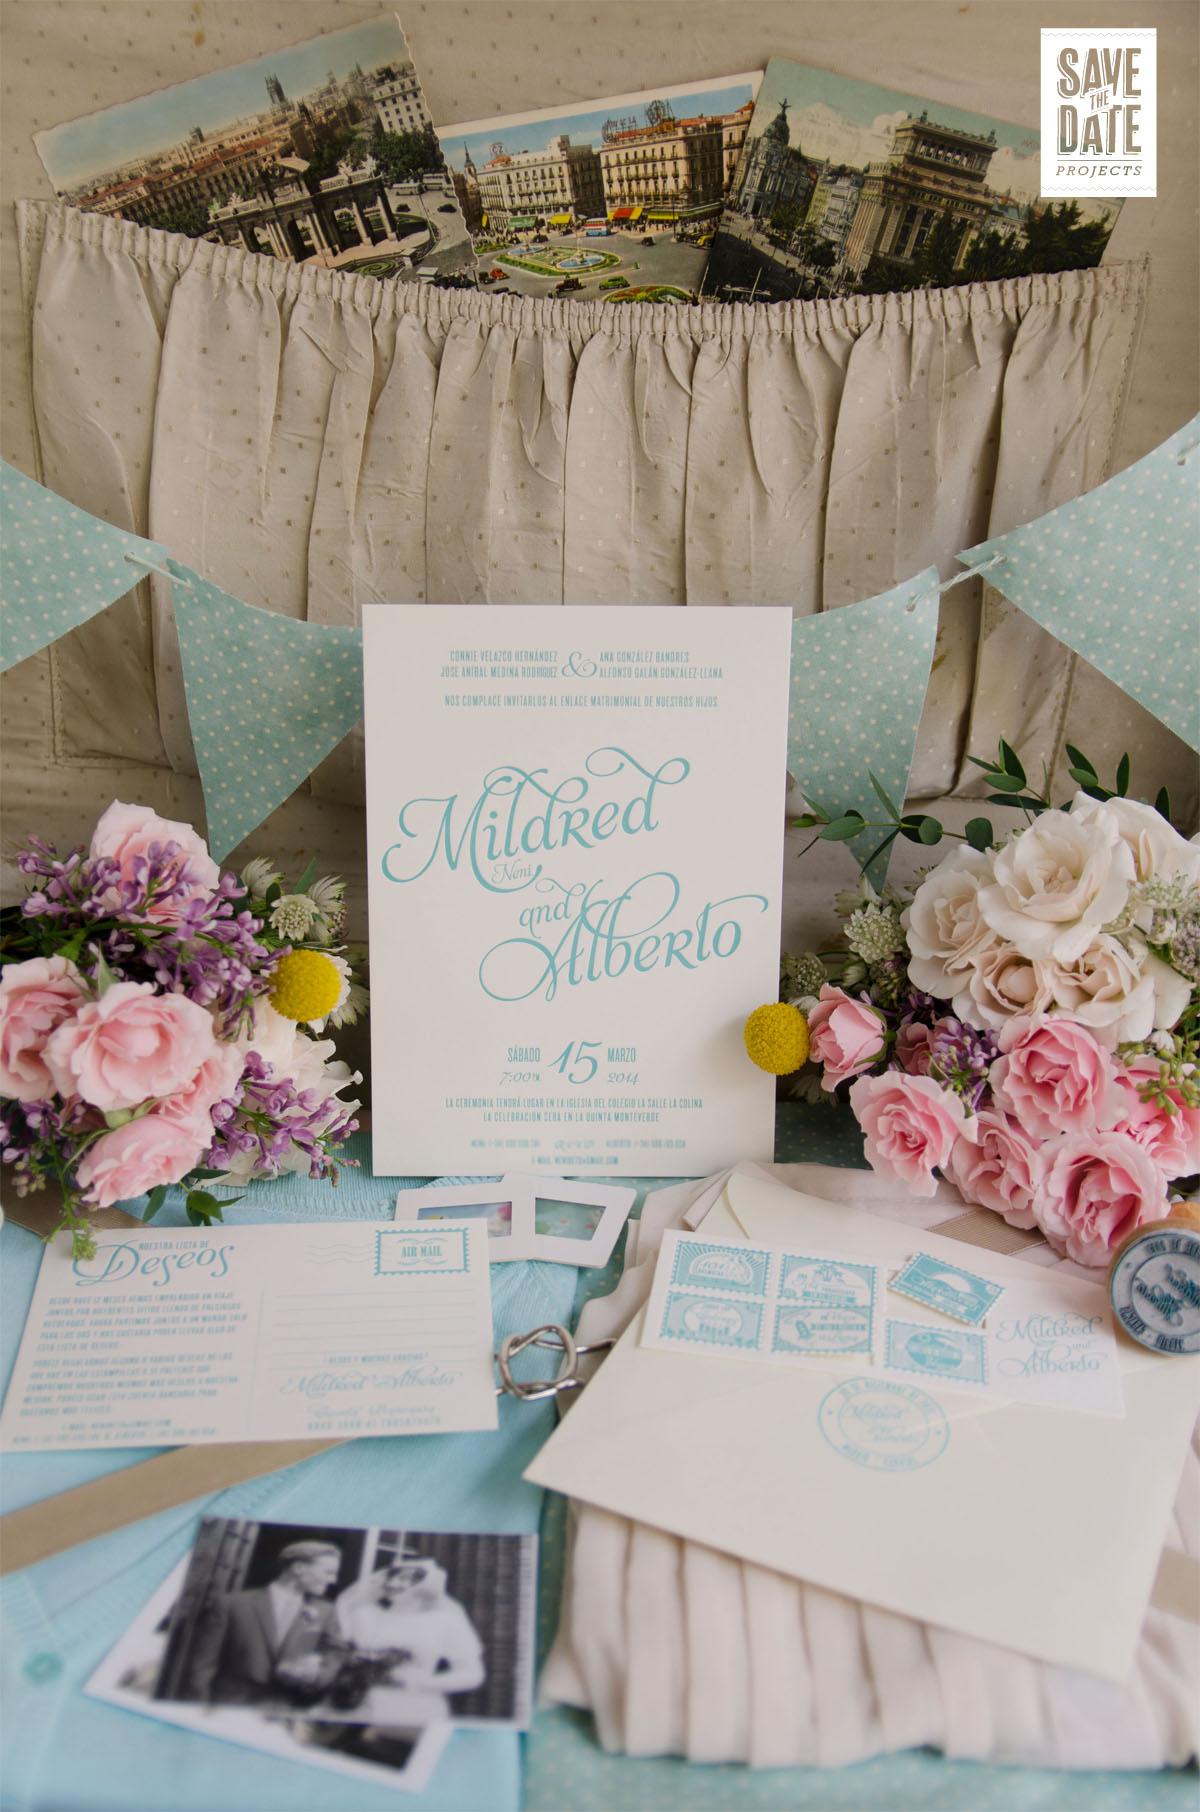 Invitación de boda personalizada color turquesa y lista de boda única en forma de postal con sellos.